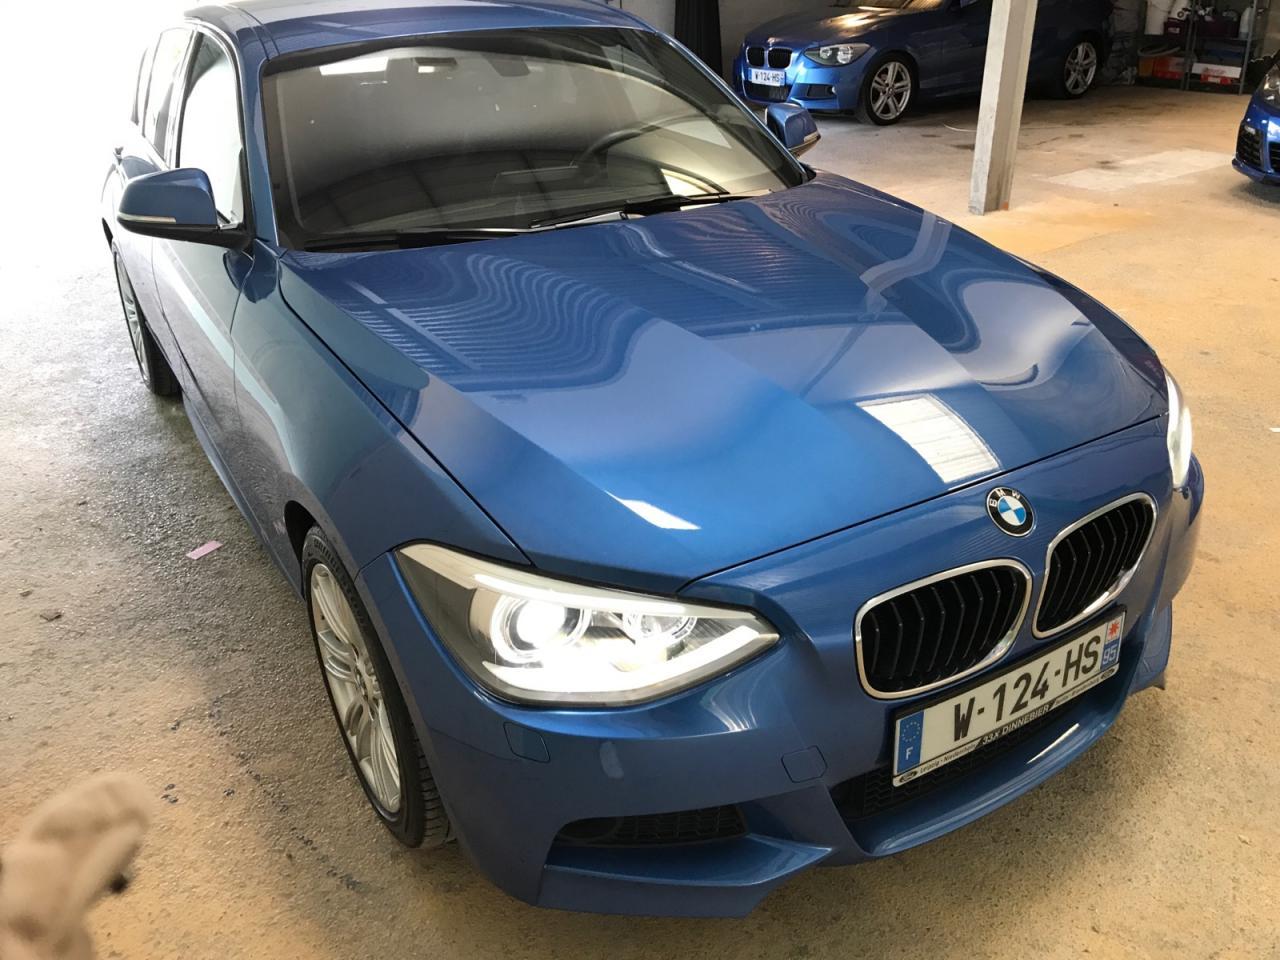 BMW SERIE 1 M SPORT 114i